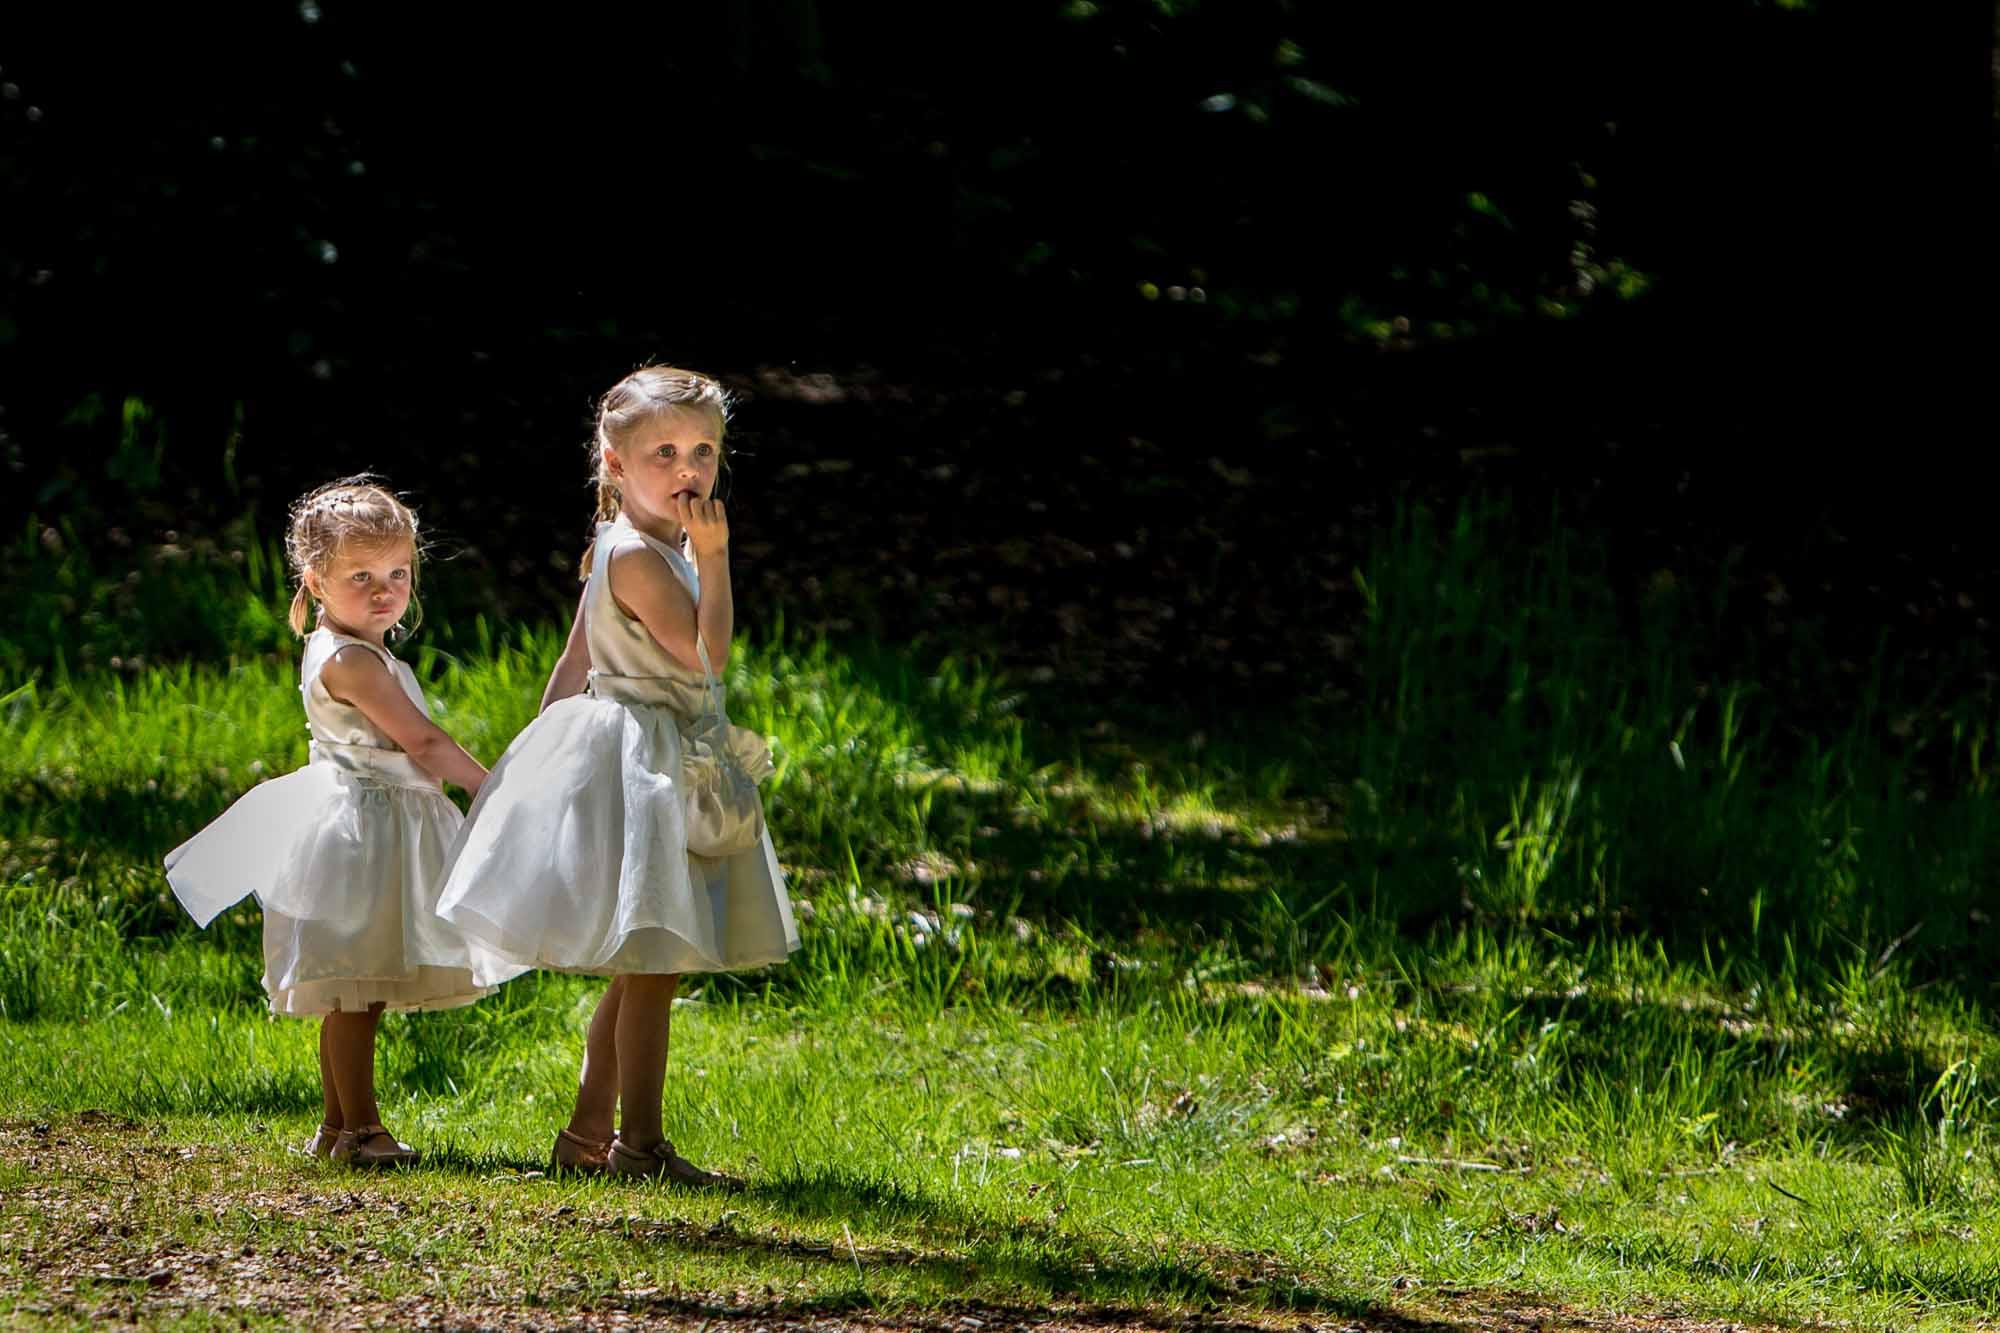 006 Imagine Fotografie trouwfotos kinderen